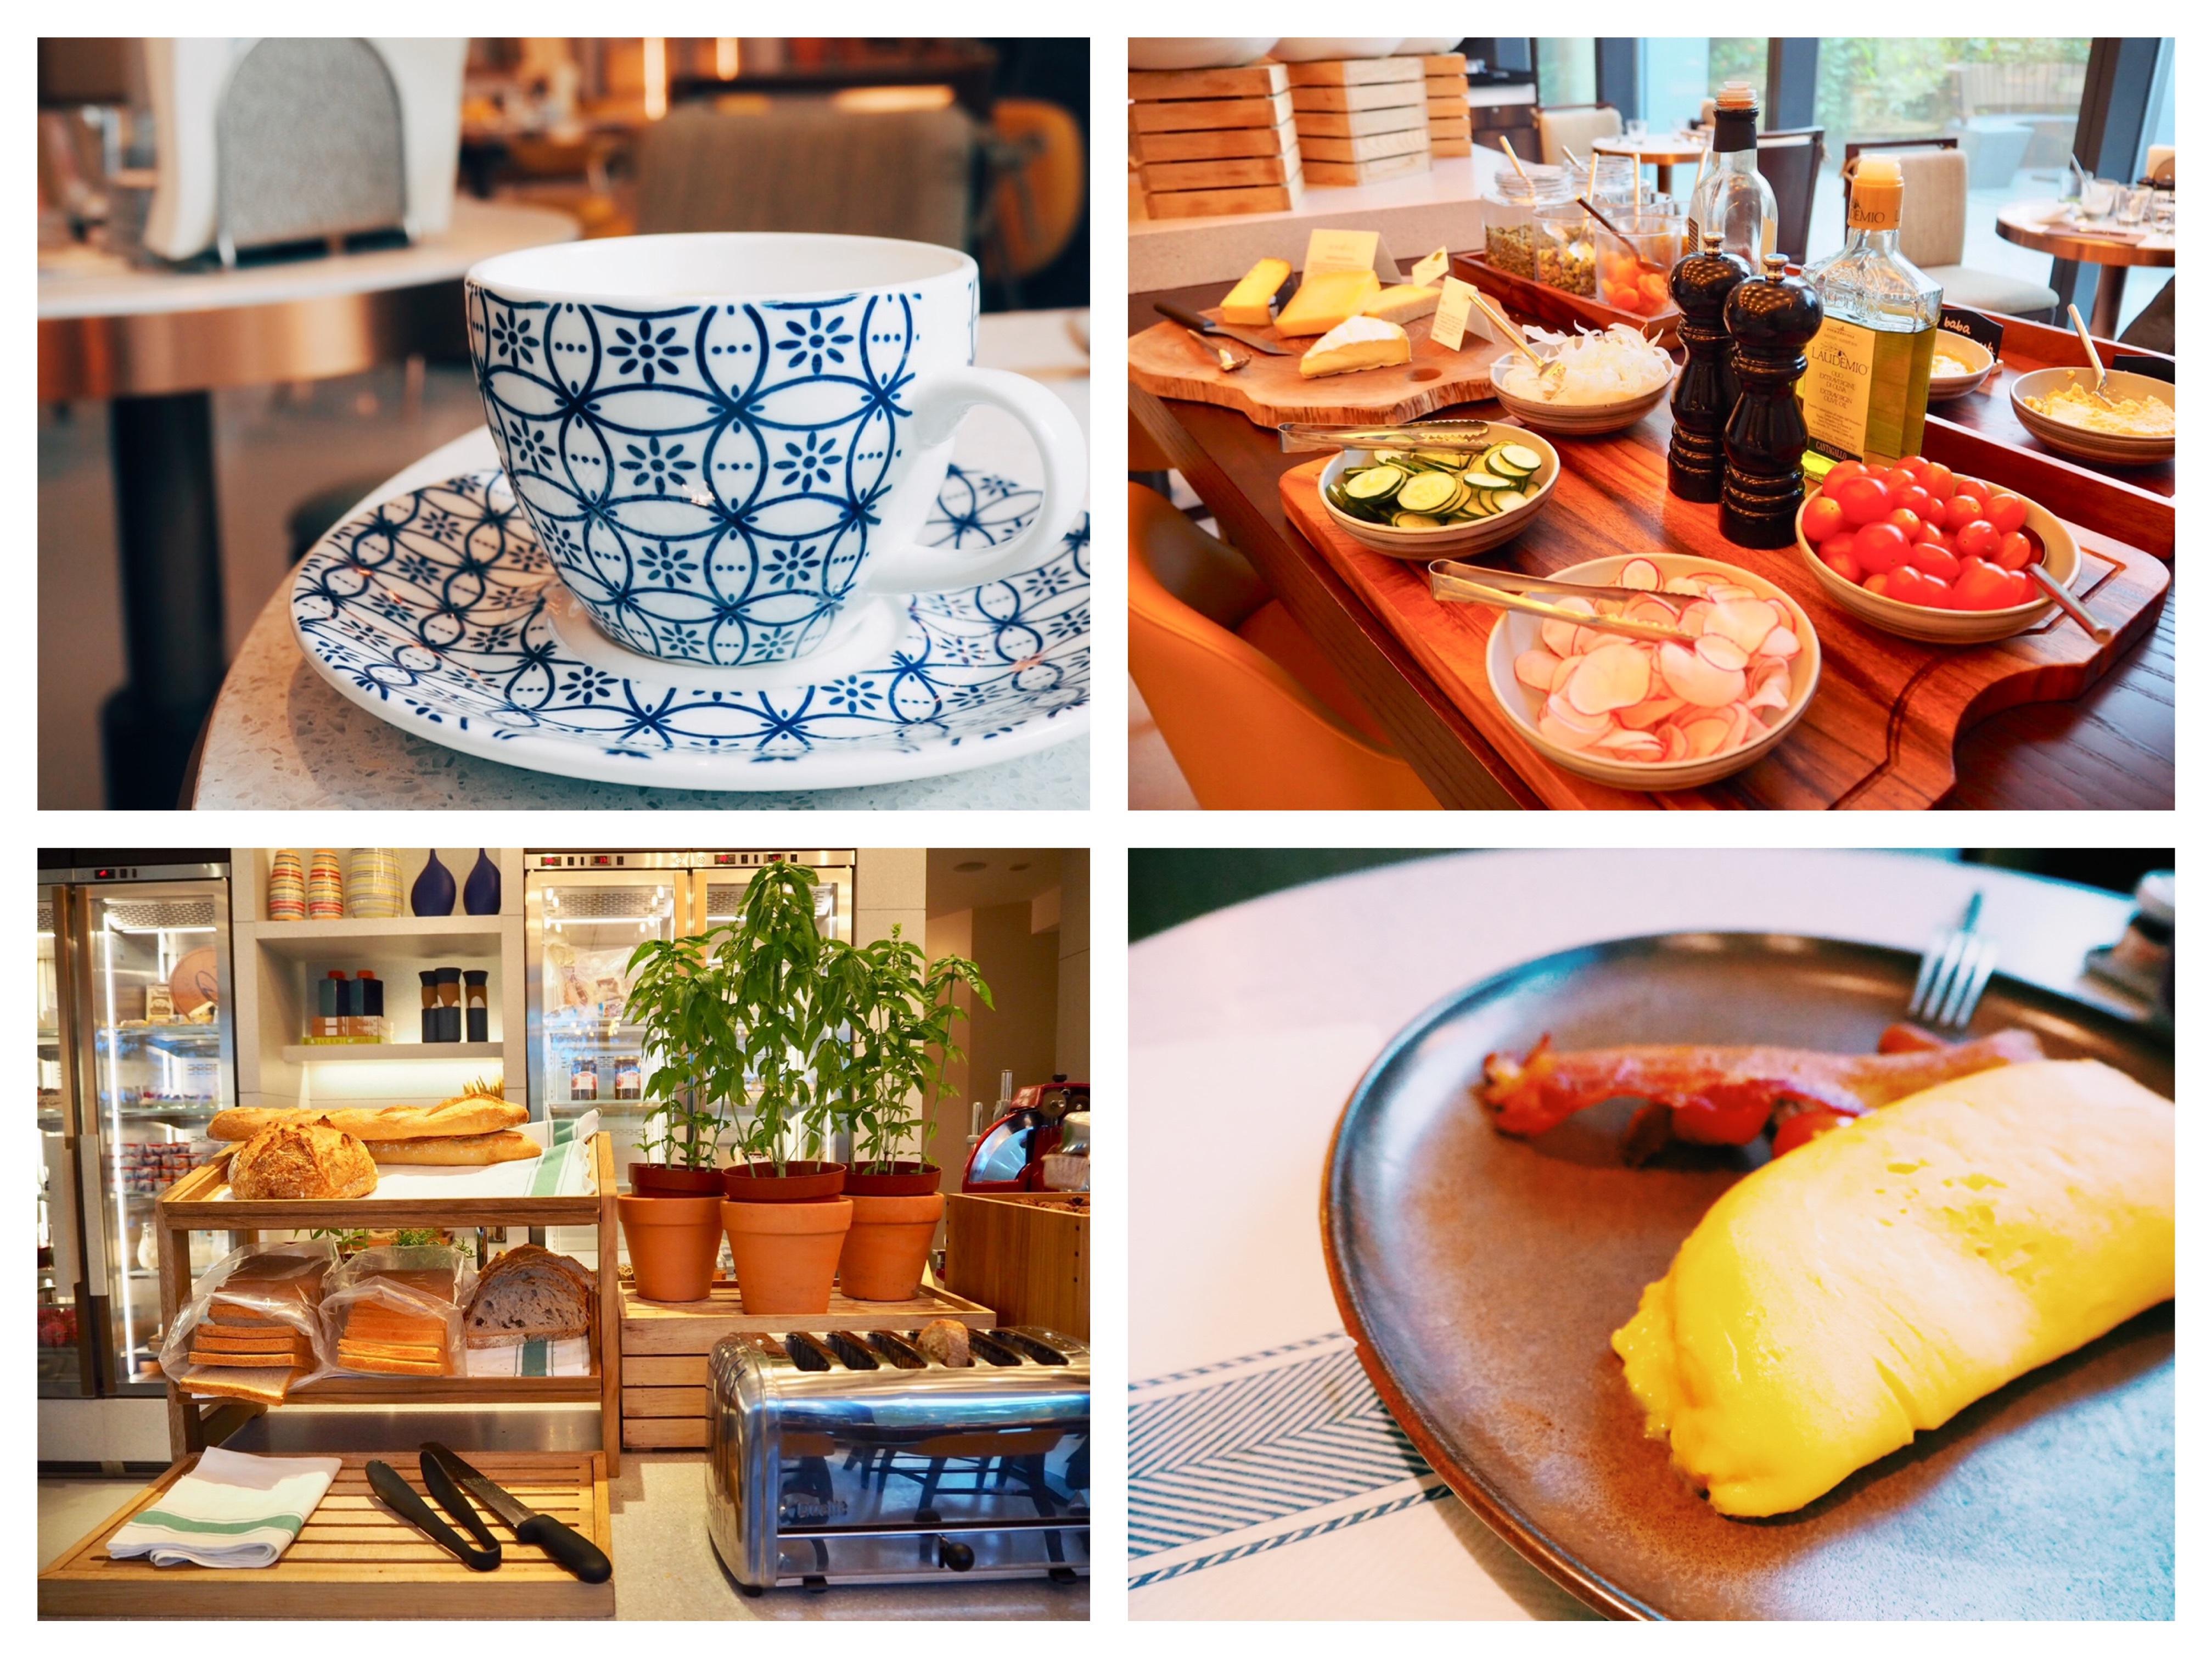 img 6044 - Andaz Singapore - ハイアット系列五つ星ホテル「アンダーズシンガポール」にまた泊まりたい理由